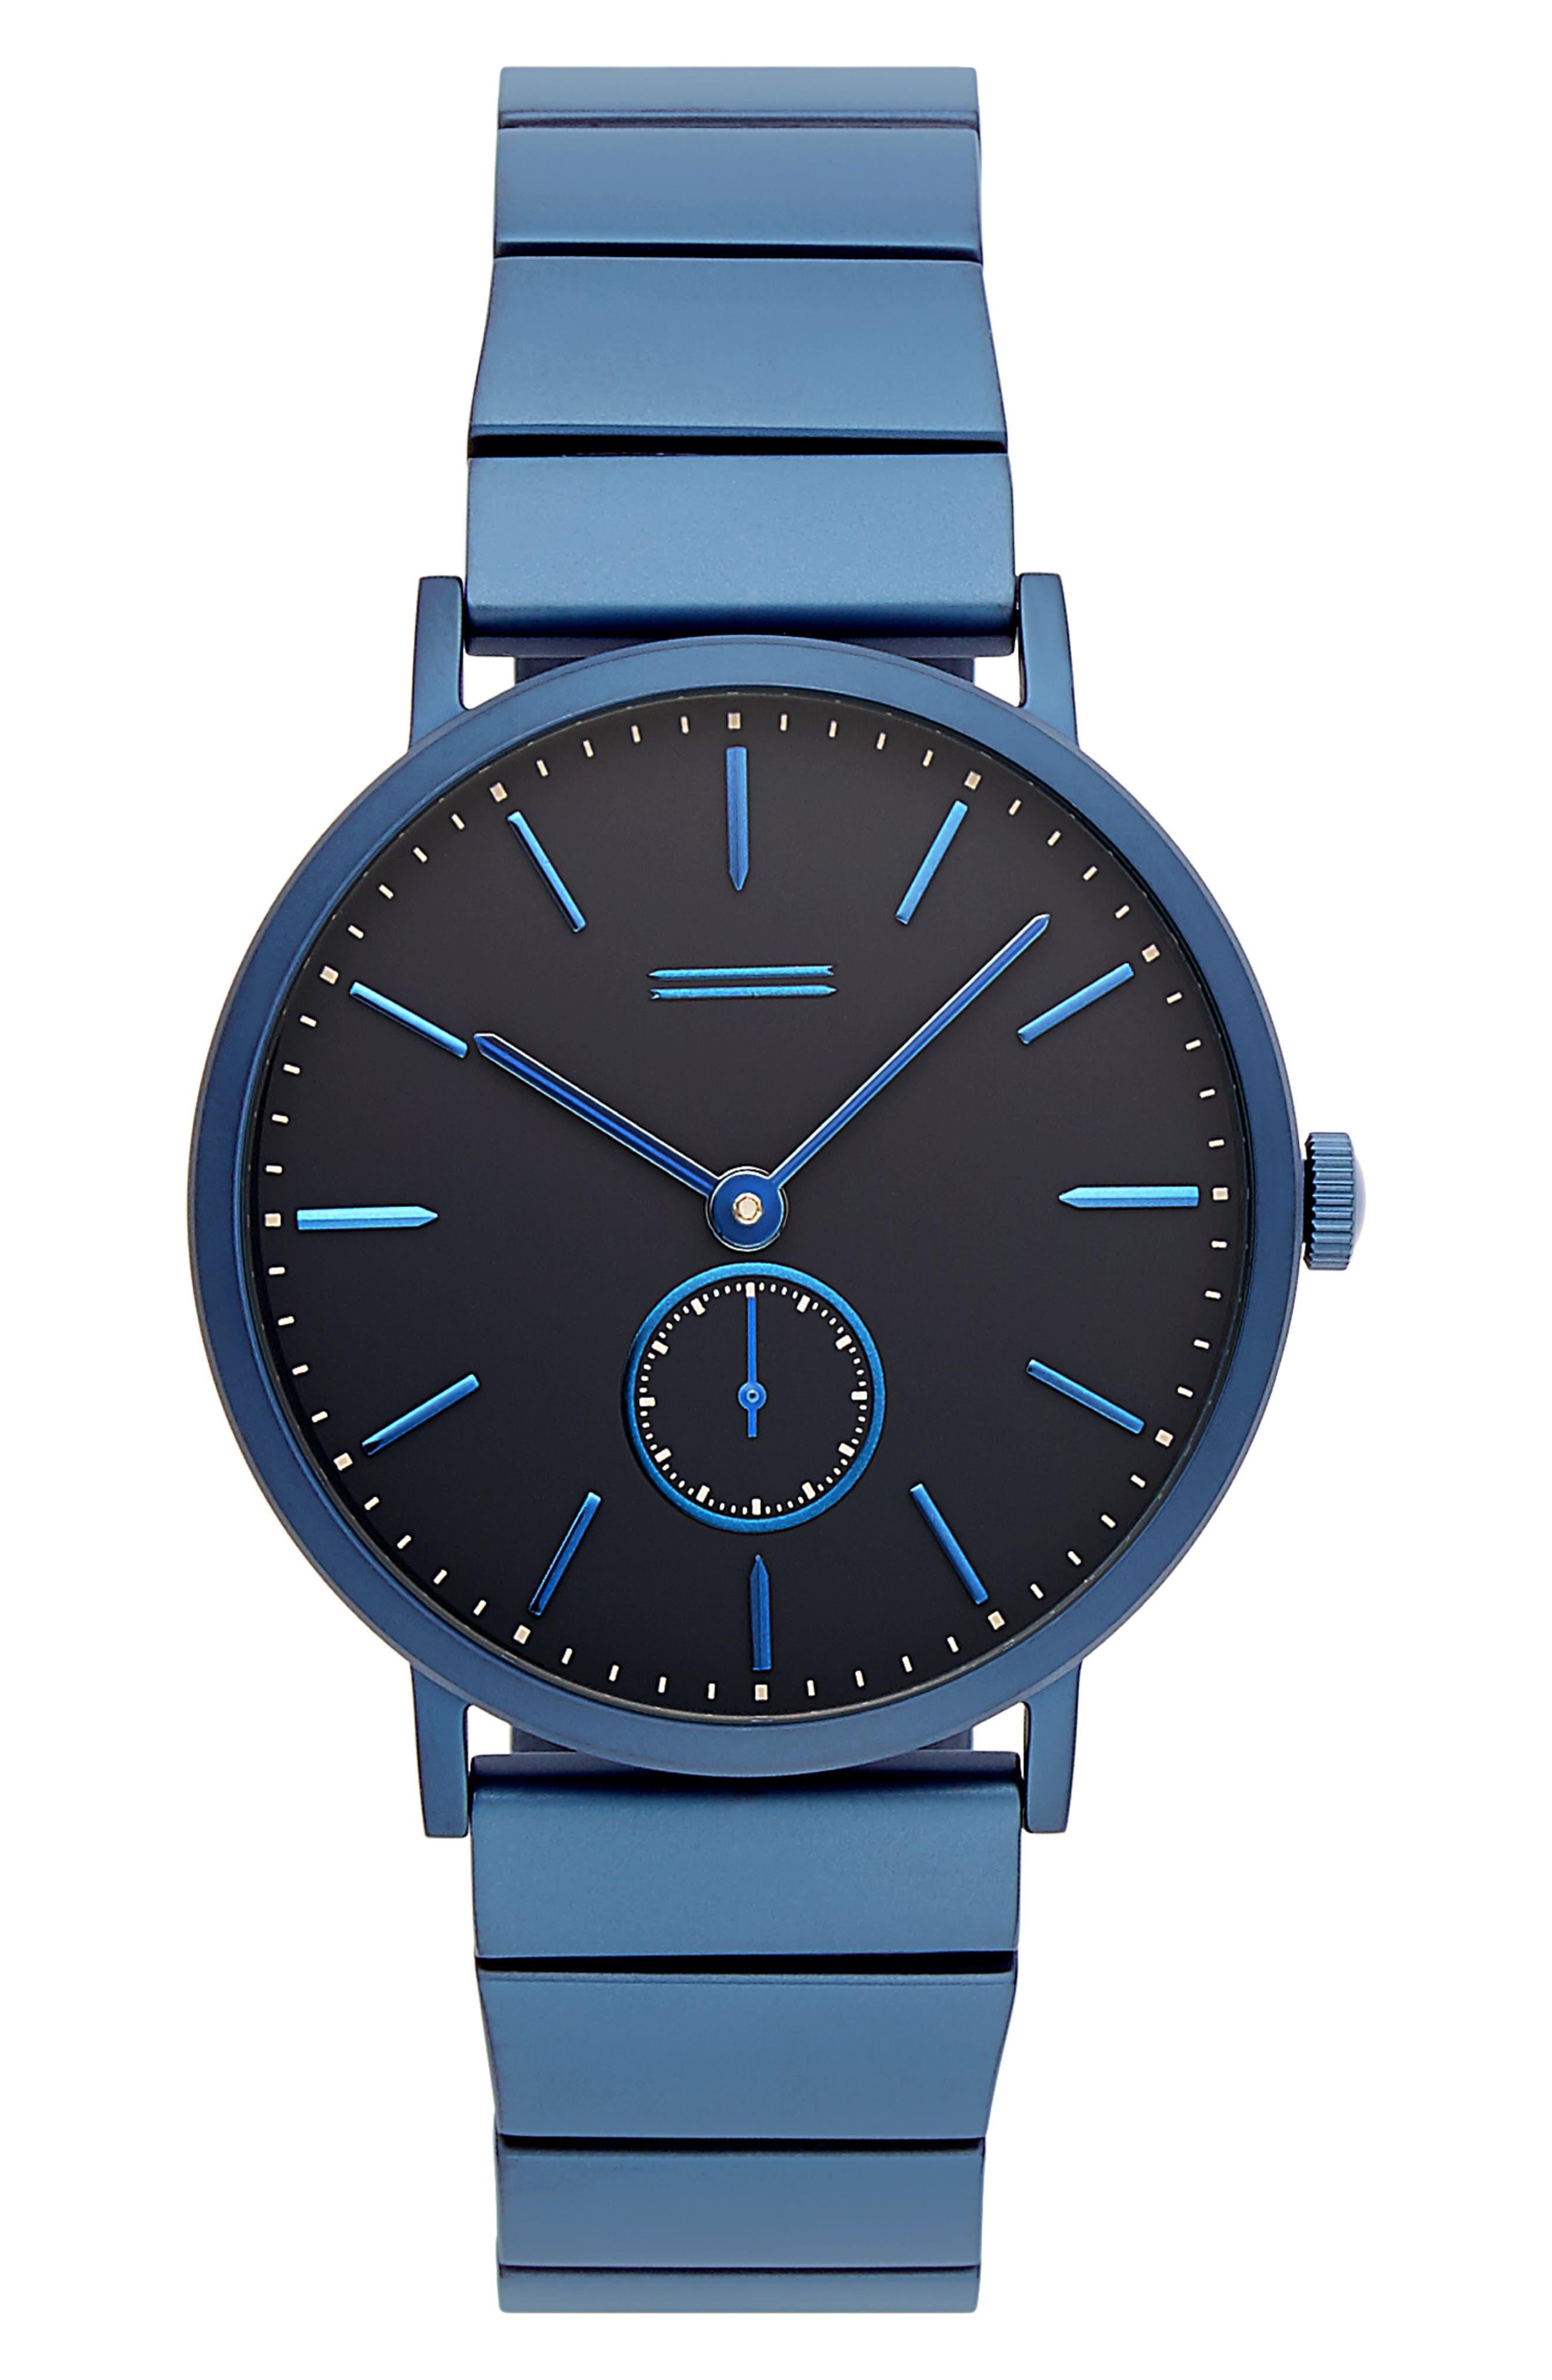 URI MINKOFF Norrebro Bracelet Watch, 40Mm in Navy